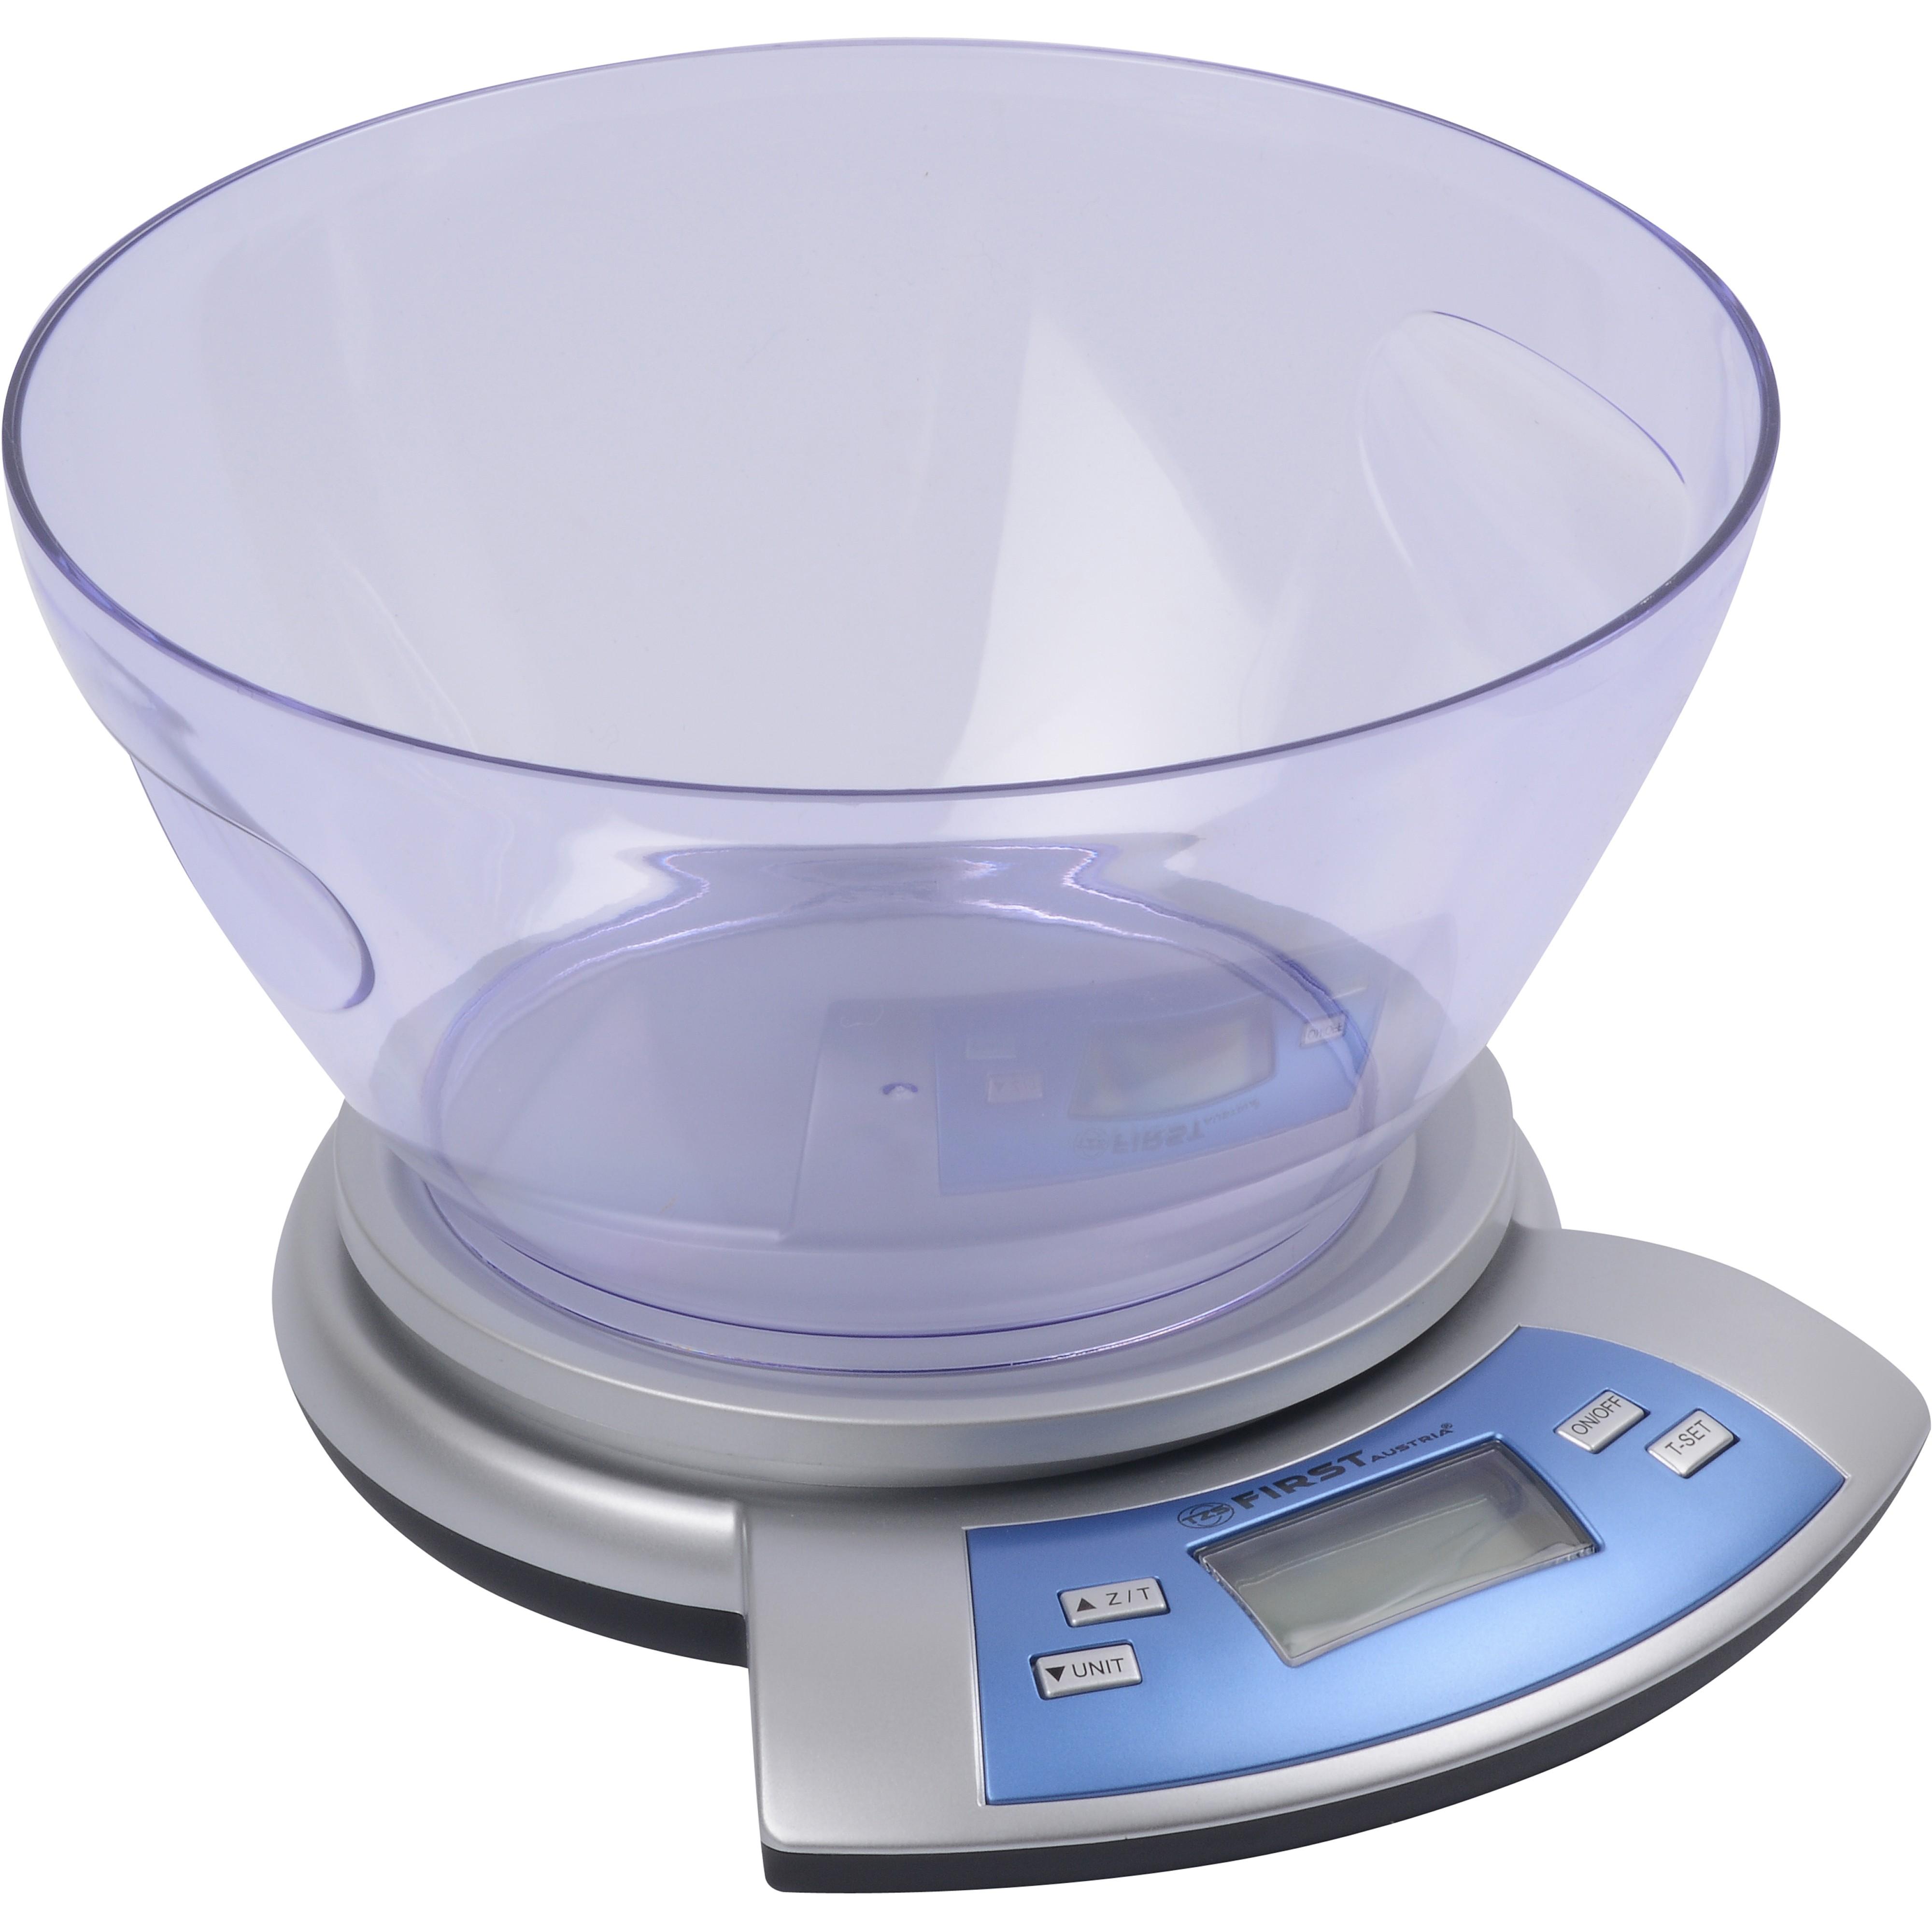 Весы кухонные FIRST 6406 SilverКухонные весы<br>Тип электронные Максимальный вес 5 кг Цена деления 1 грамм Функция взвешивания тары + Индикатор низкого заряда батареи + Автоматическое вкл./выкл. + Индикатор перегрузки<br>